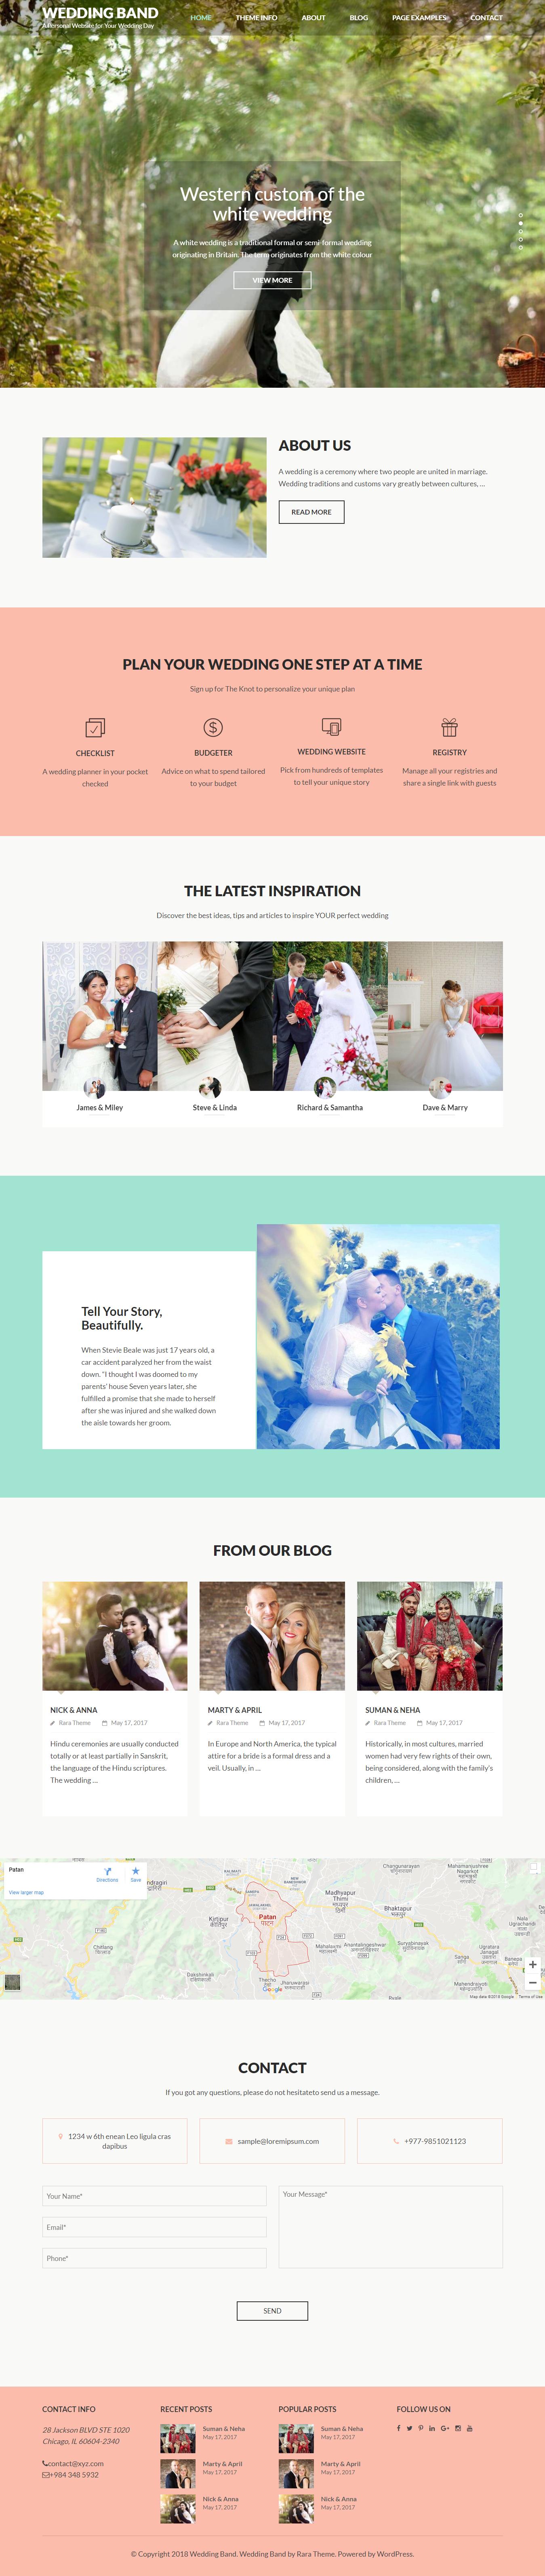 Wedding Band - El mejor tema gratuito de WordPress para bodas